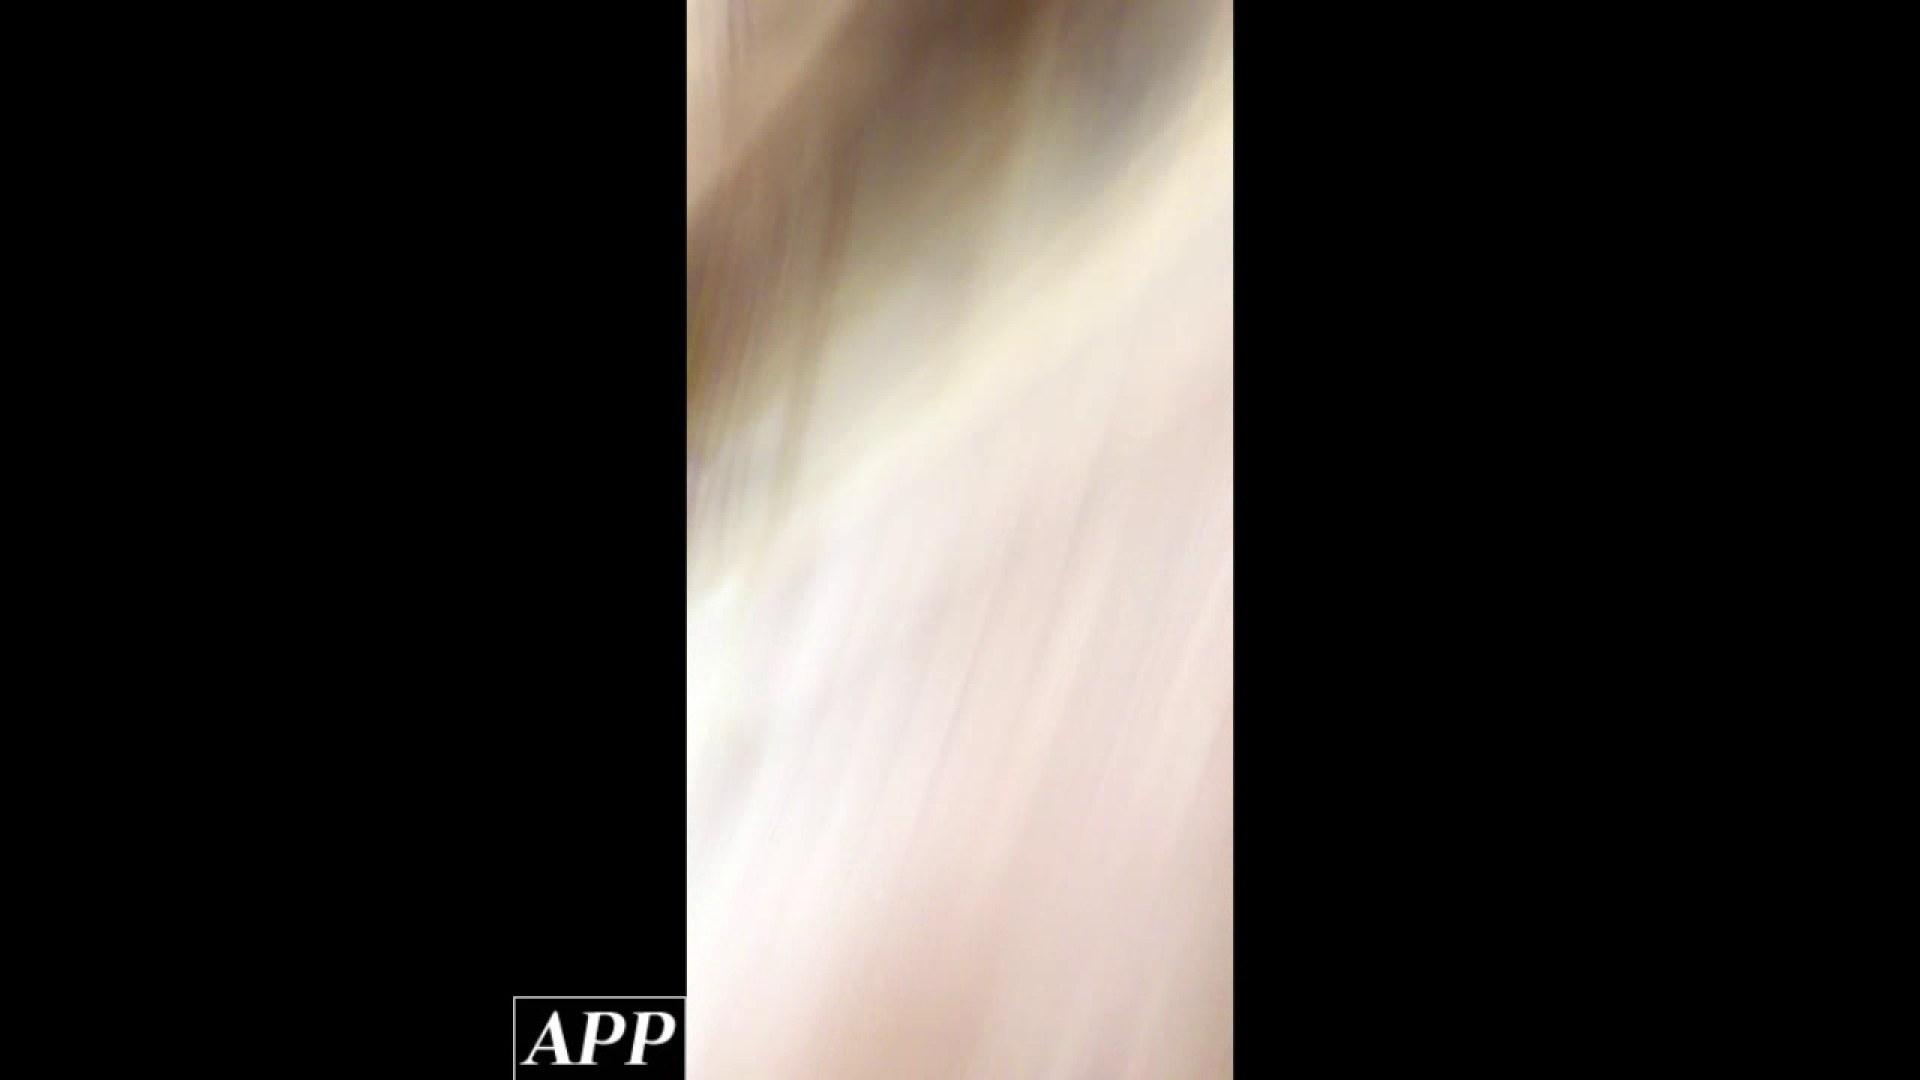 ハイビジョン盗撮!ショップ店員千人斬り!胸チラ編 vol.86 盗撮 性交動画流出 106連発 45